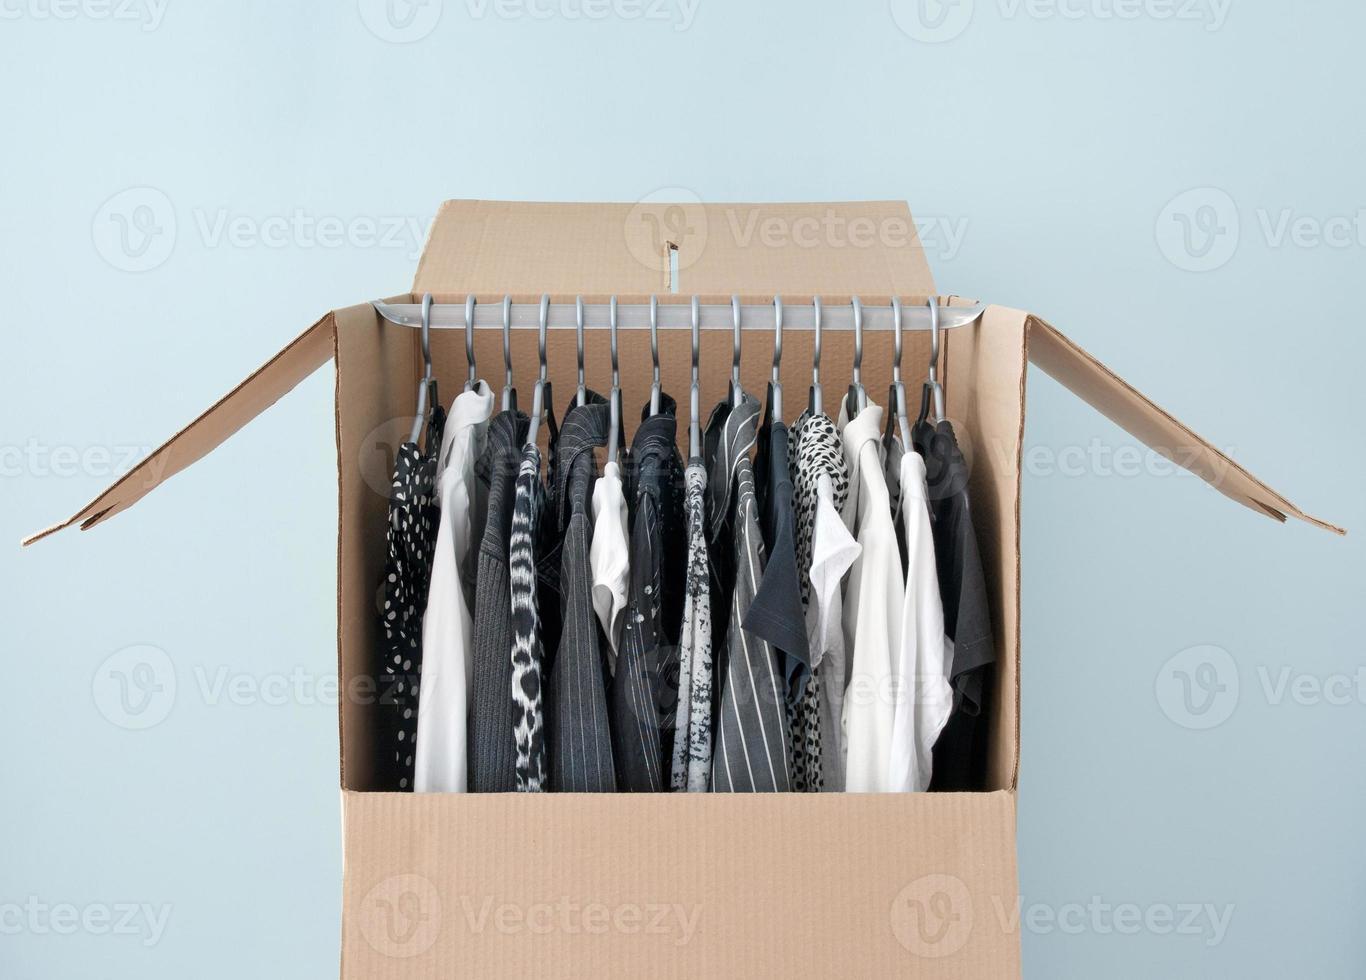 ropa en una caja de armario para facilitar el traslado foto